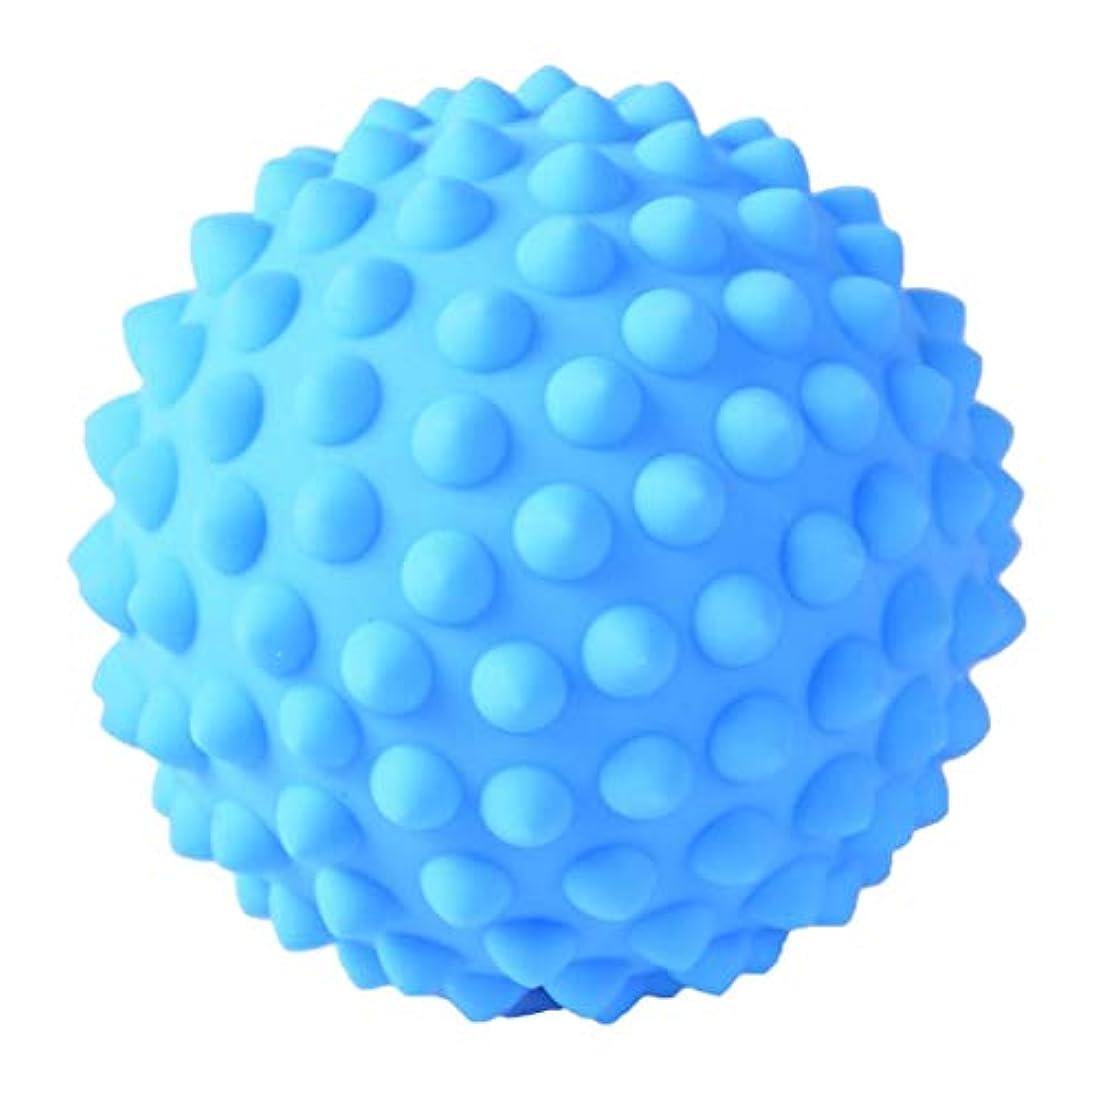 製品運ぶ苦難マッサージボール PVC製 約9 cm 3色選べ - 青, 説明のとおり